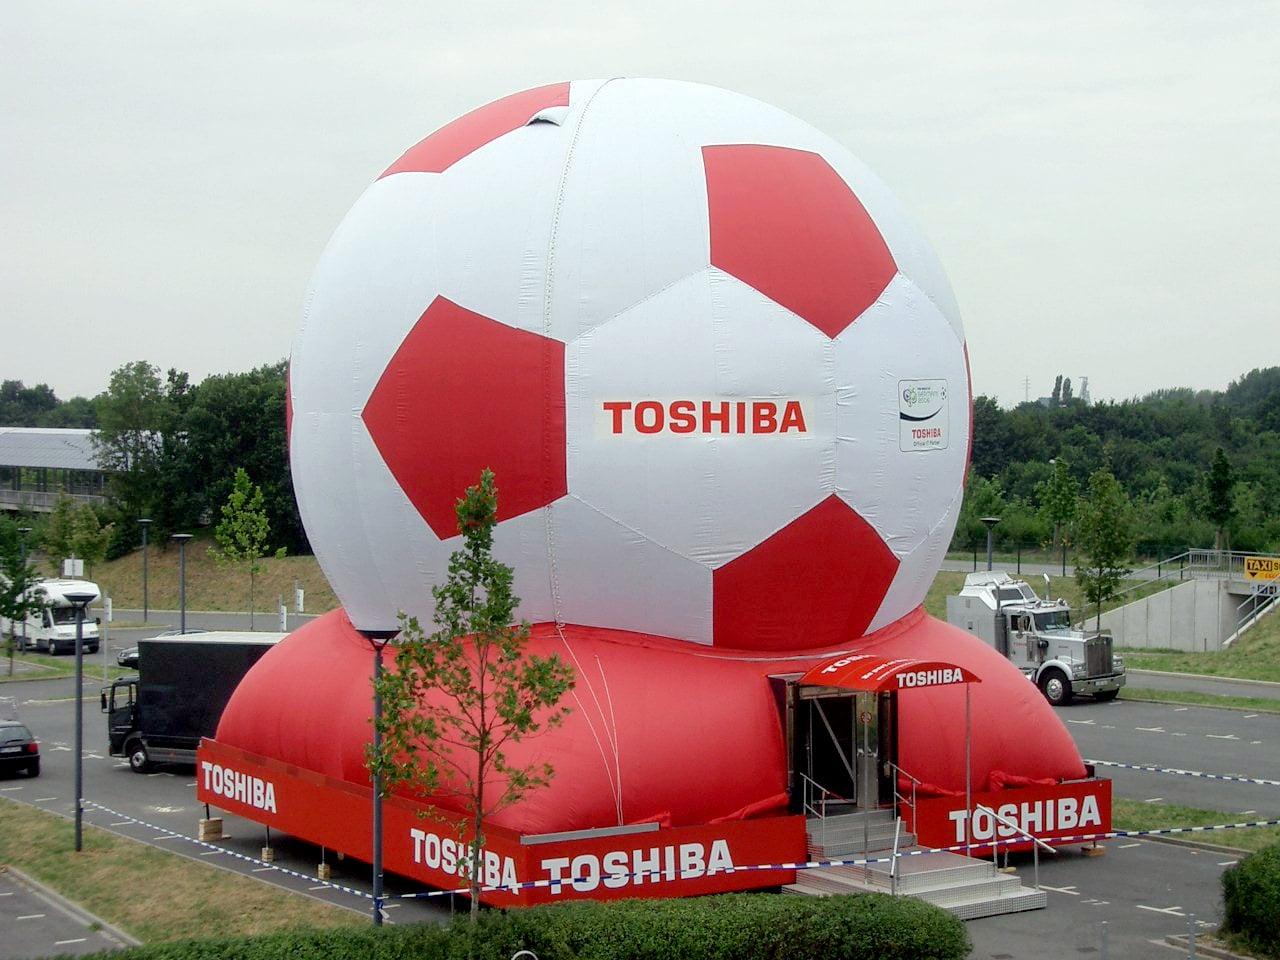 Inflatable Toshiba football